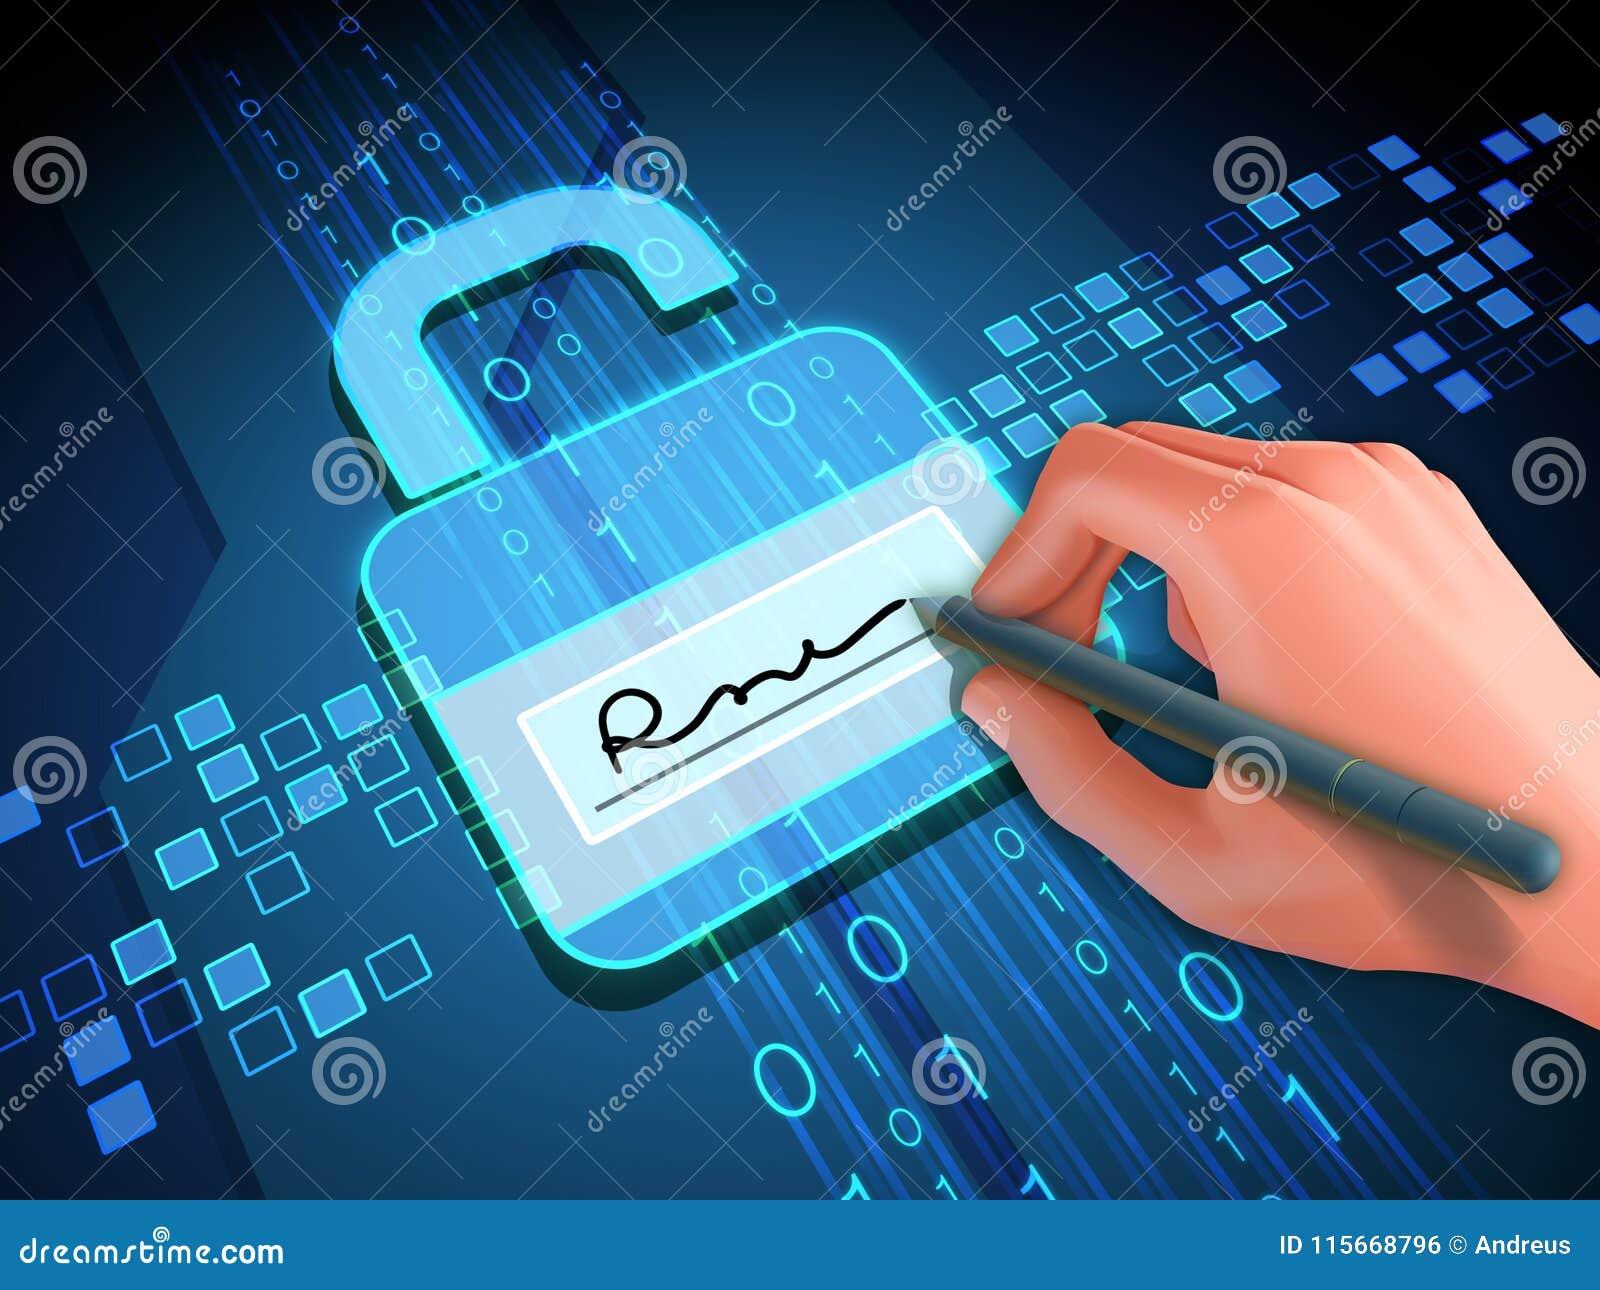 Assinatura digital e fechamento